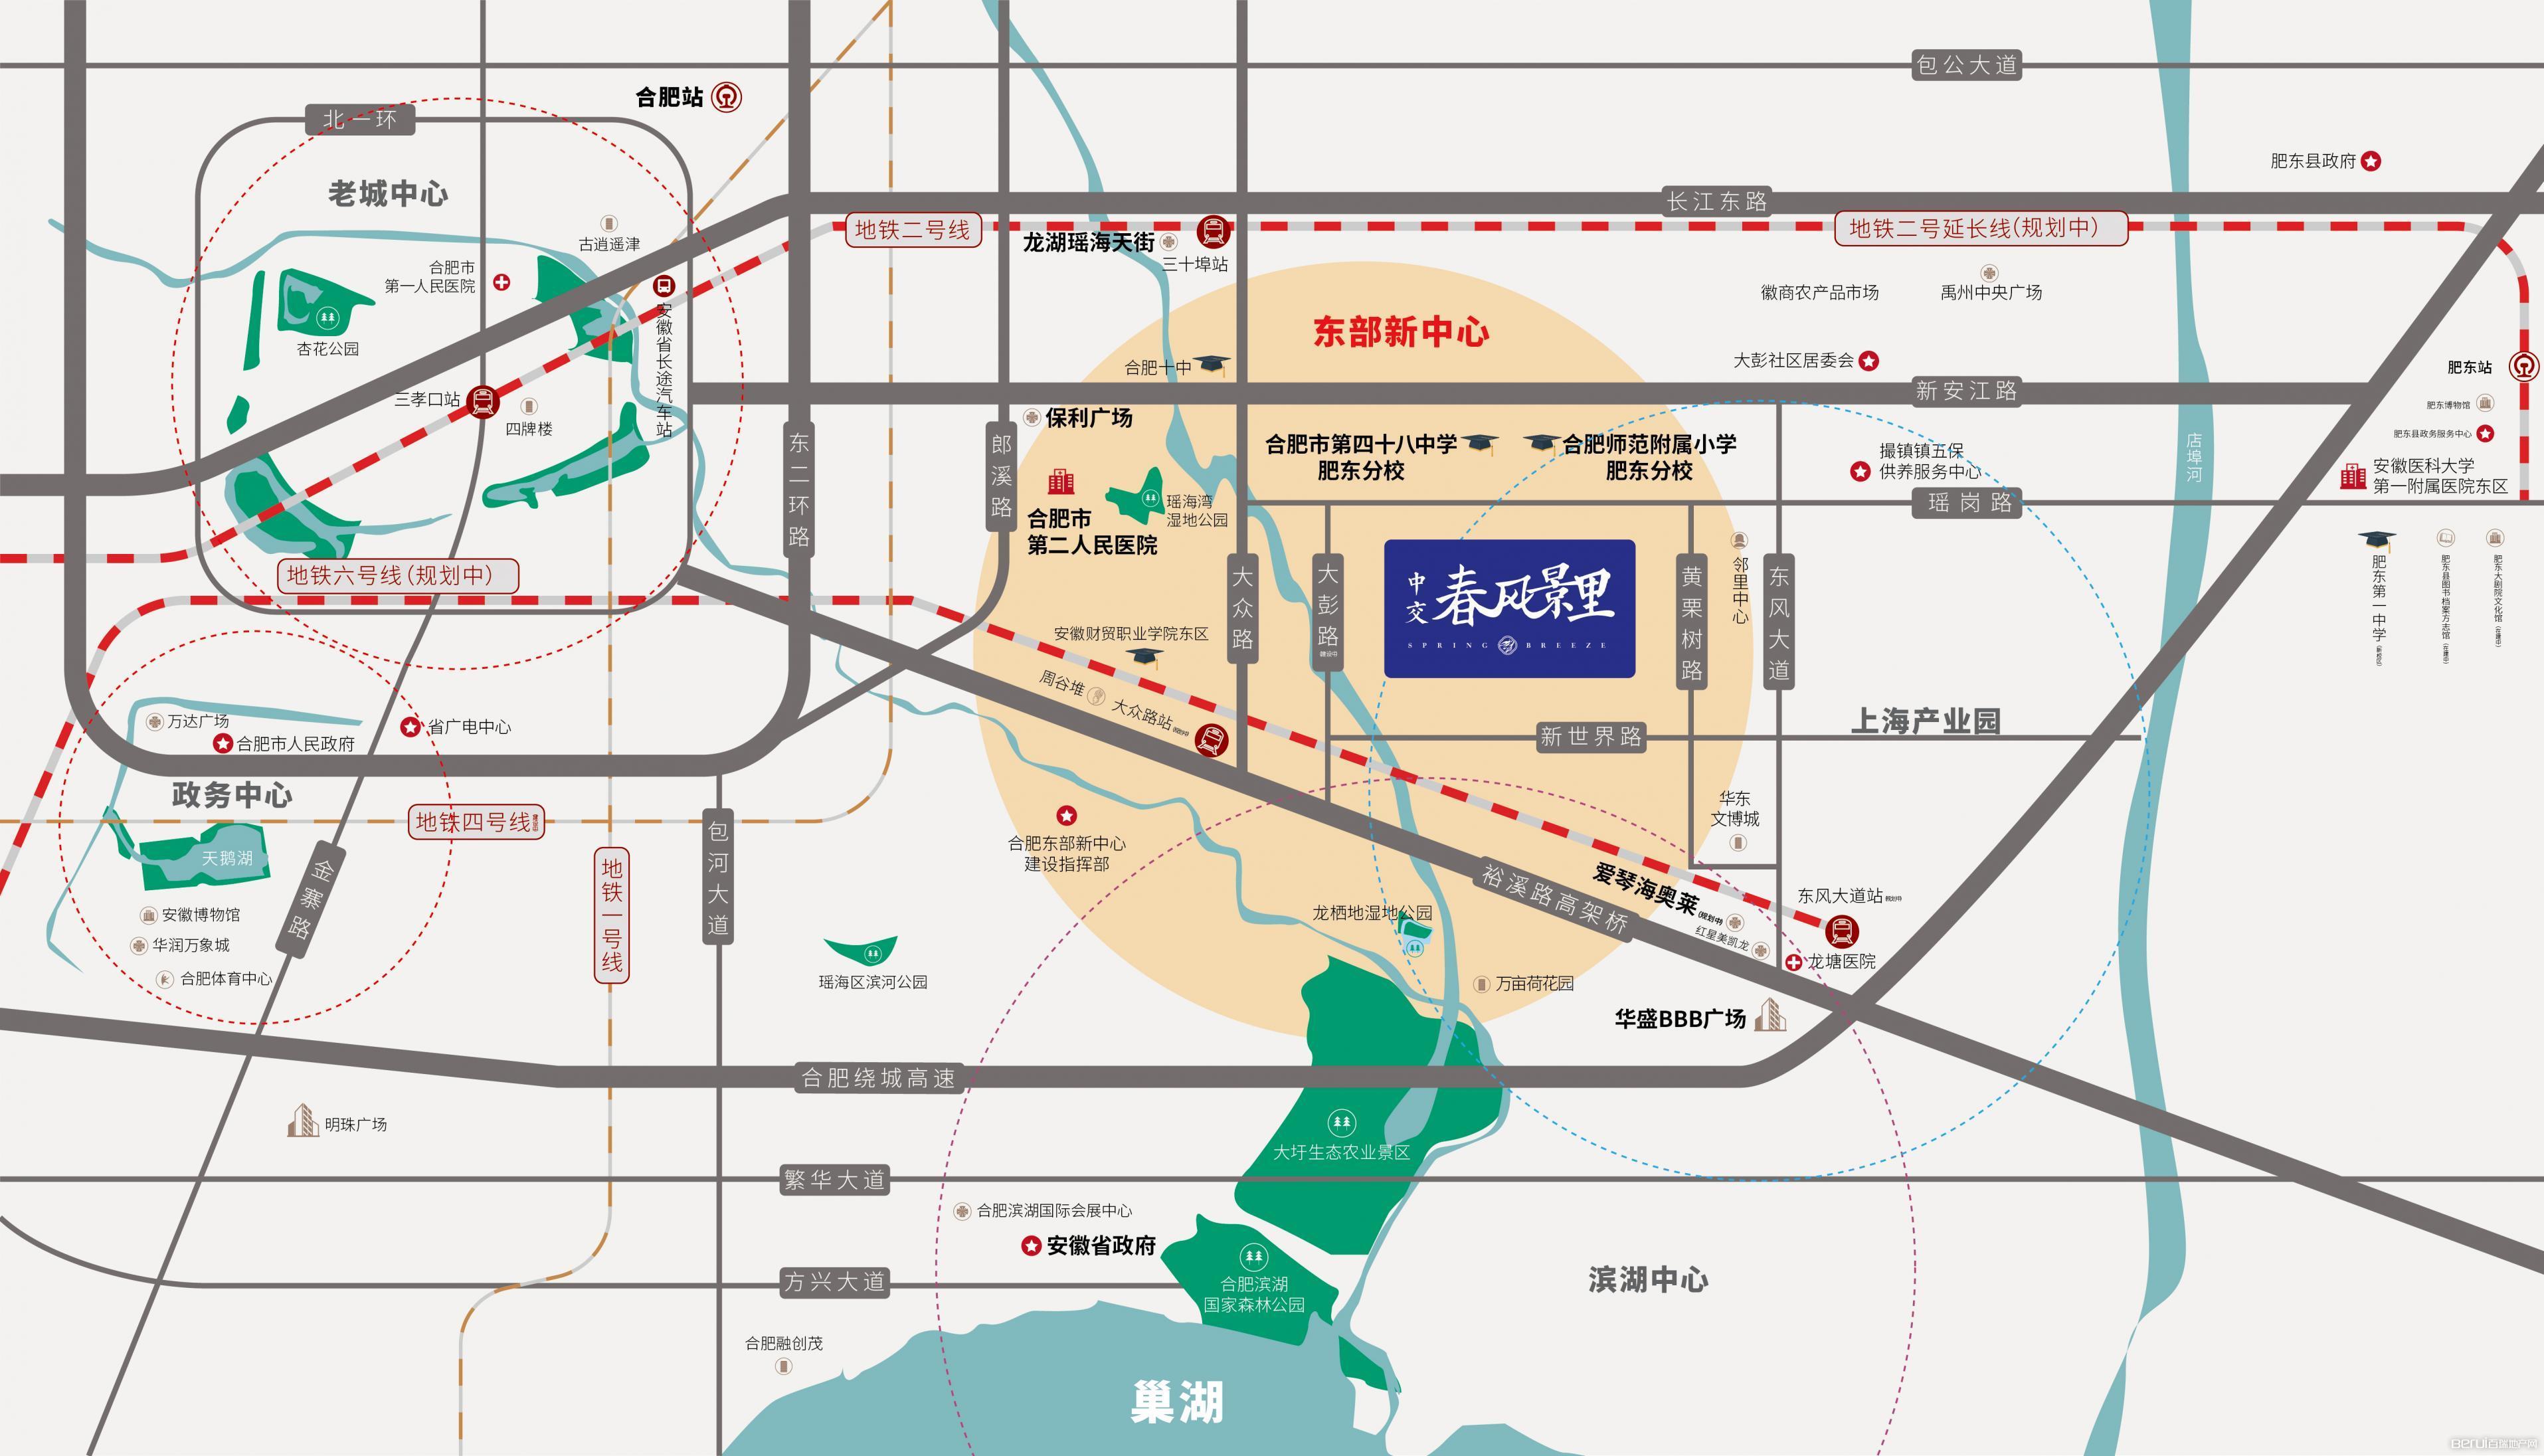 中交·春风景里交通图